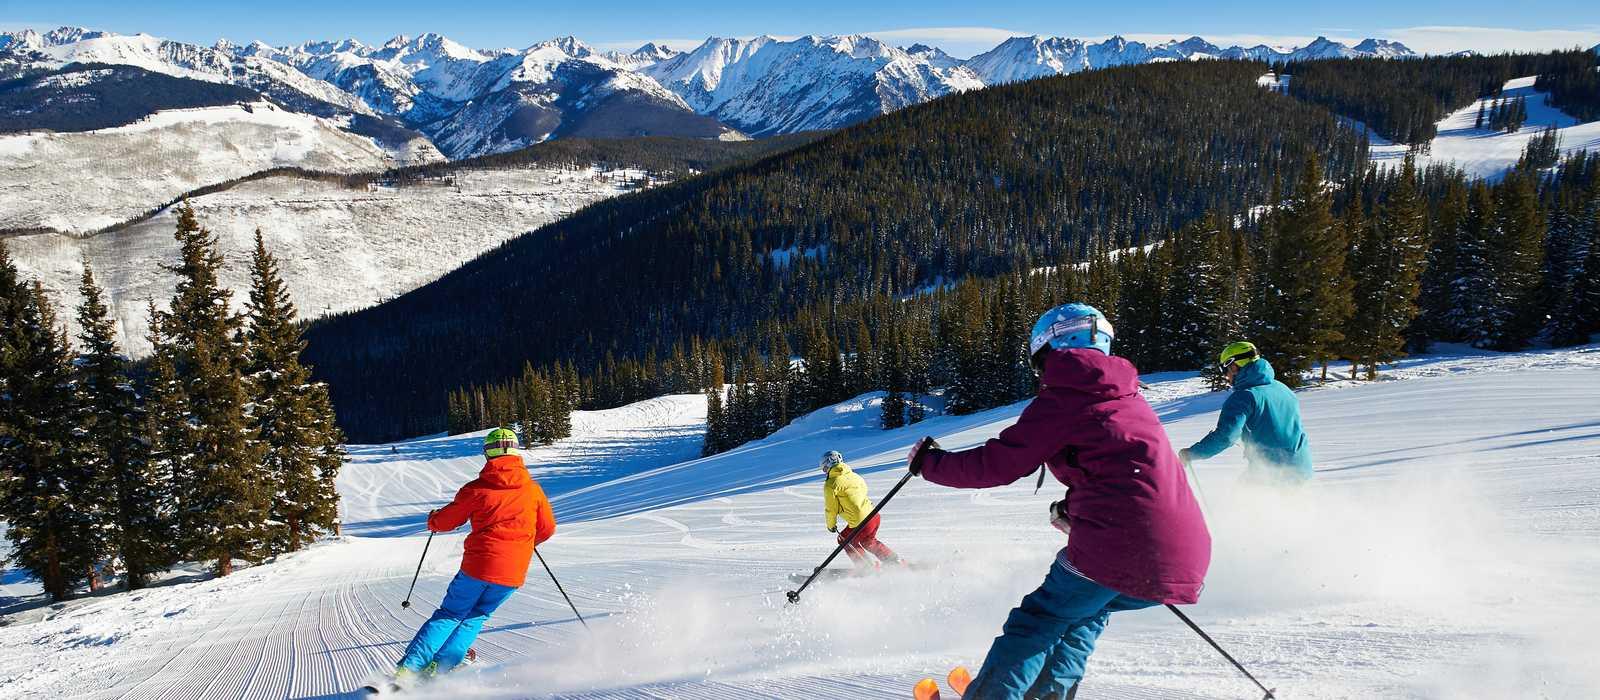 Gruppe von Skifahrern bei der Abfahrt, Colorado